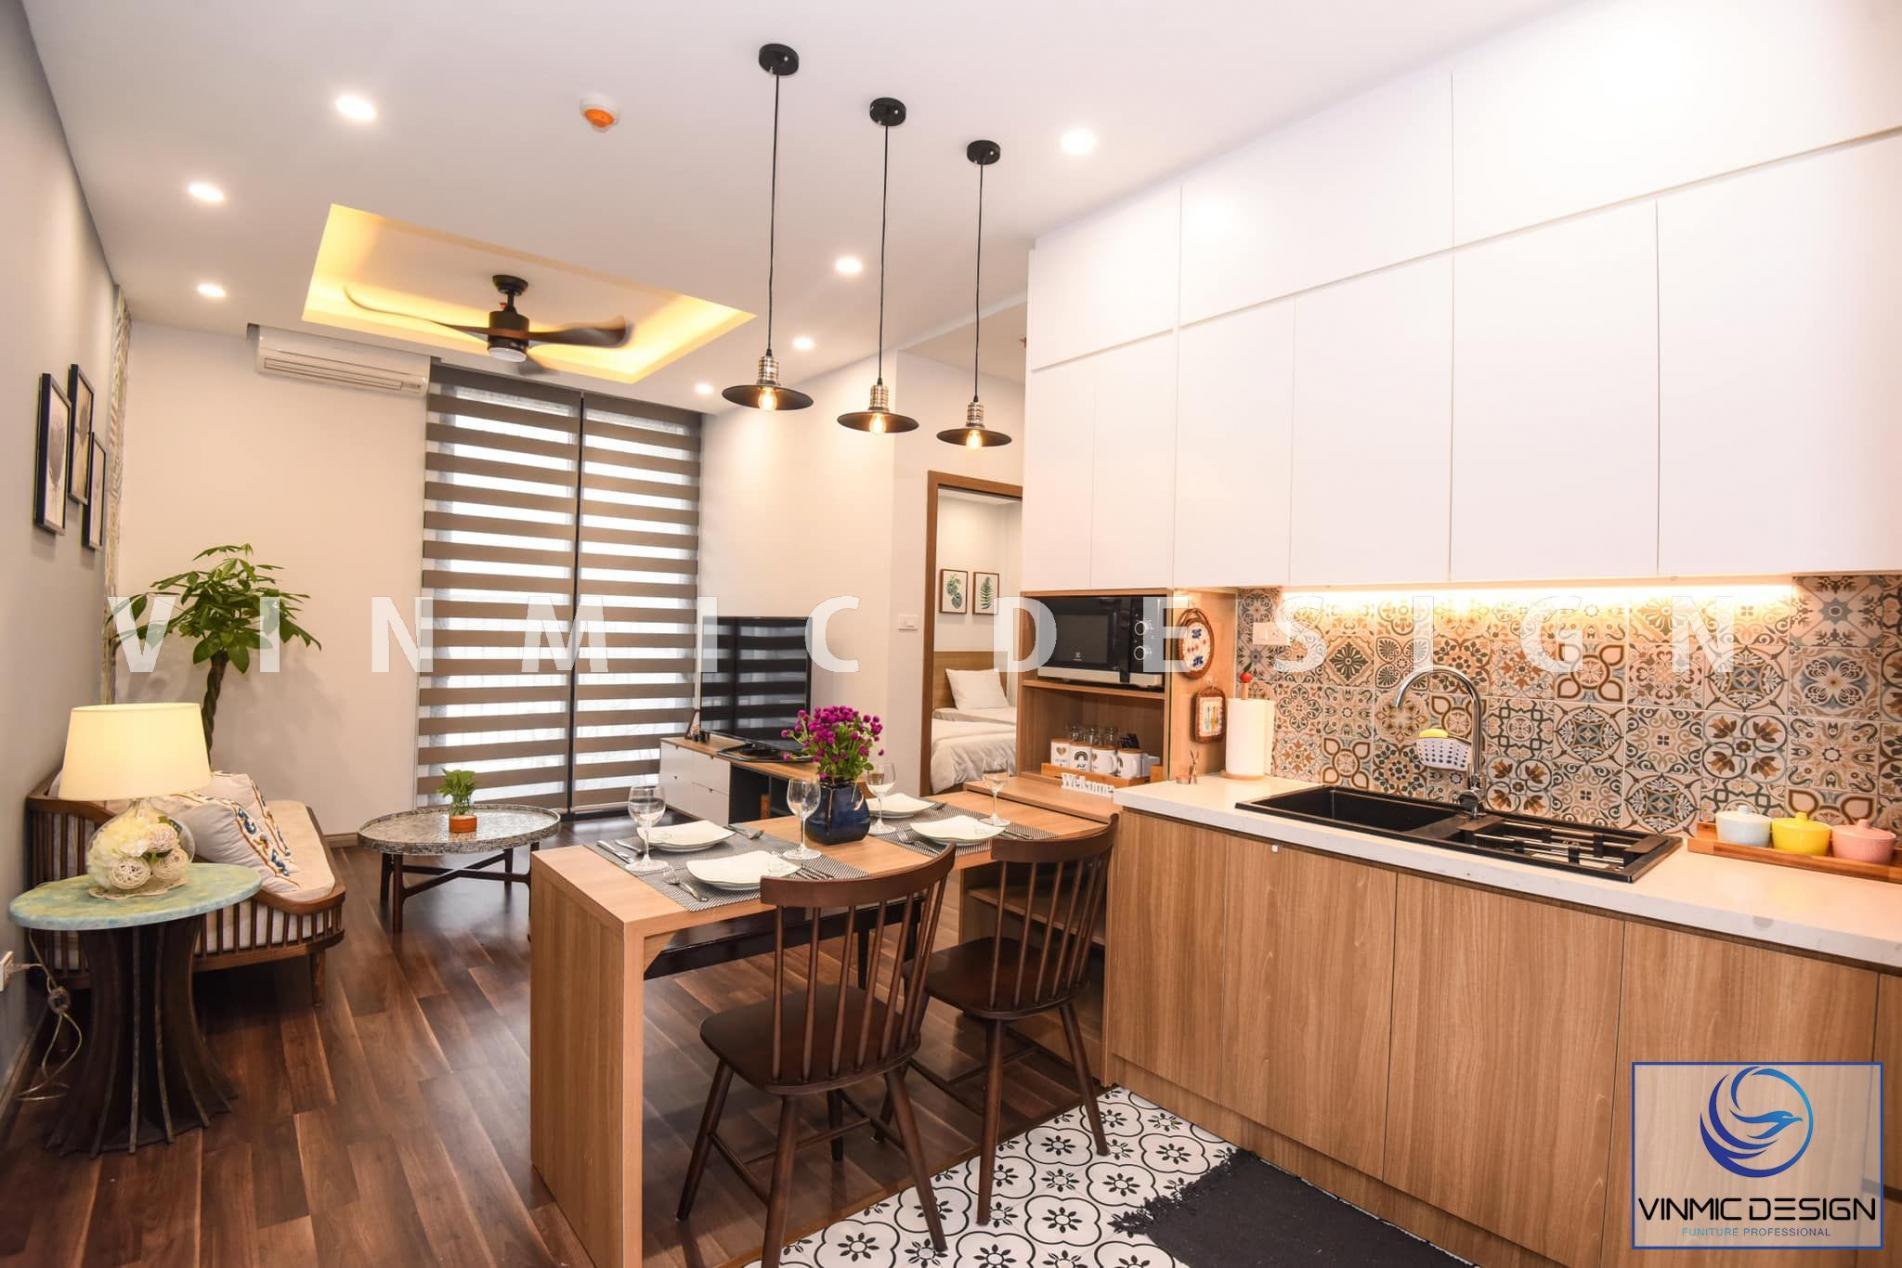 Thiết kế tủ bếp hiện đại với không gian vàng ấm